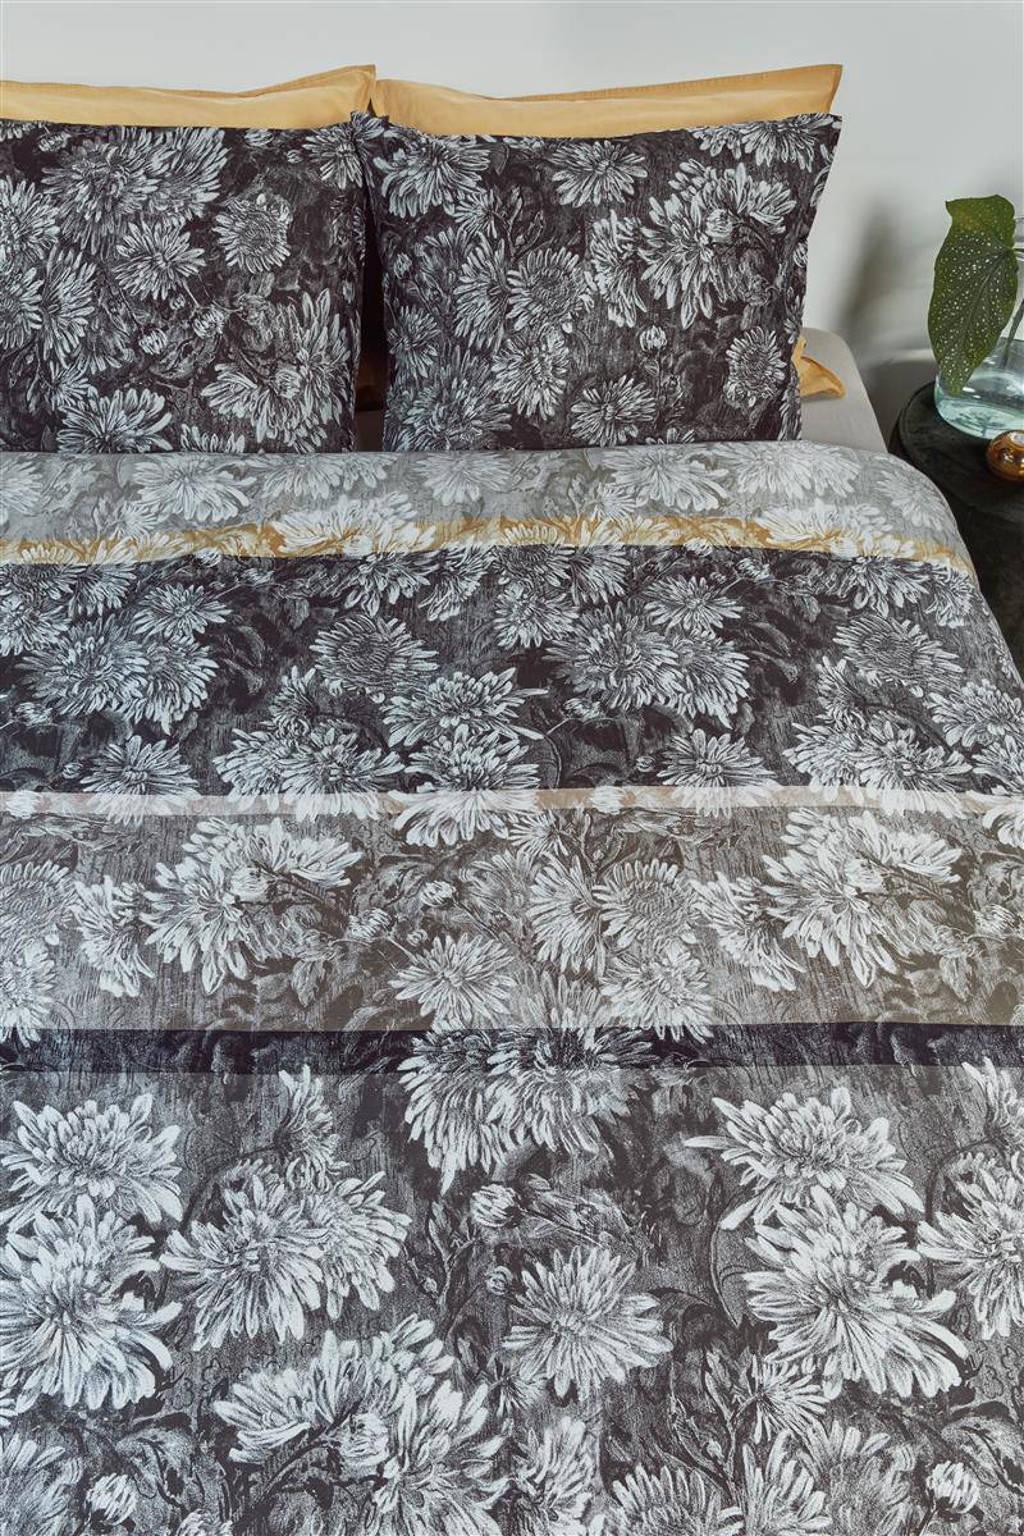 Beddinghouse katoensatijnen dekbedovertrek lits-jumeaux, Lits-jumeaux (240 cm breed)